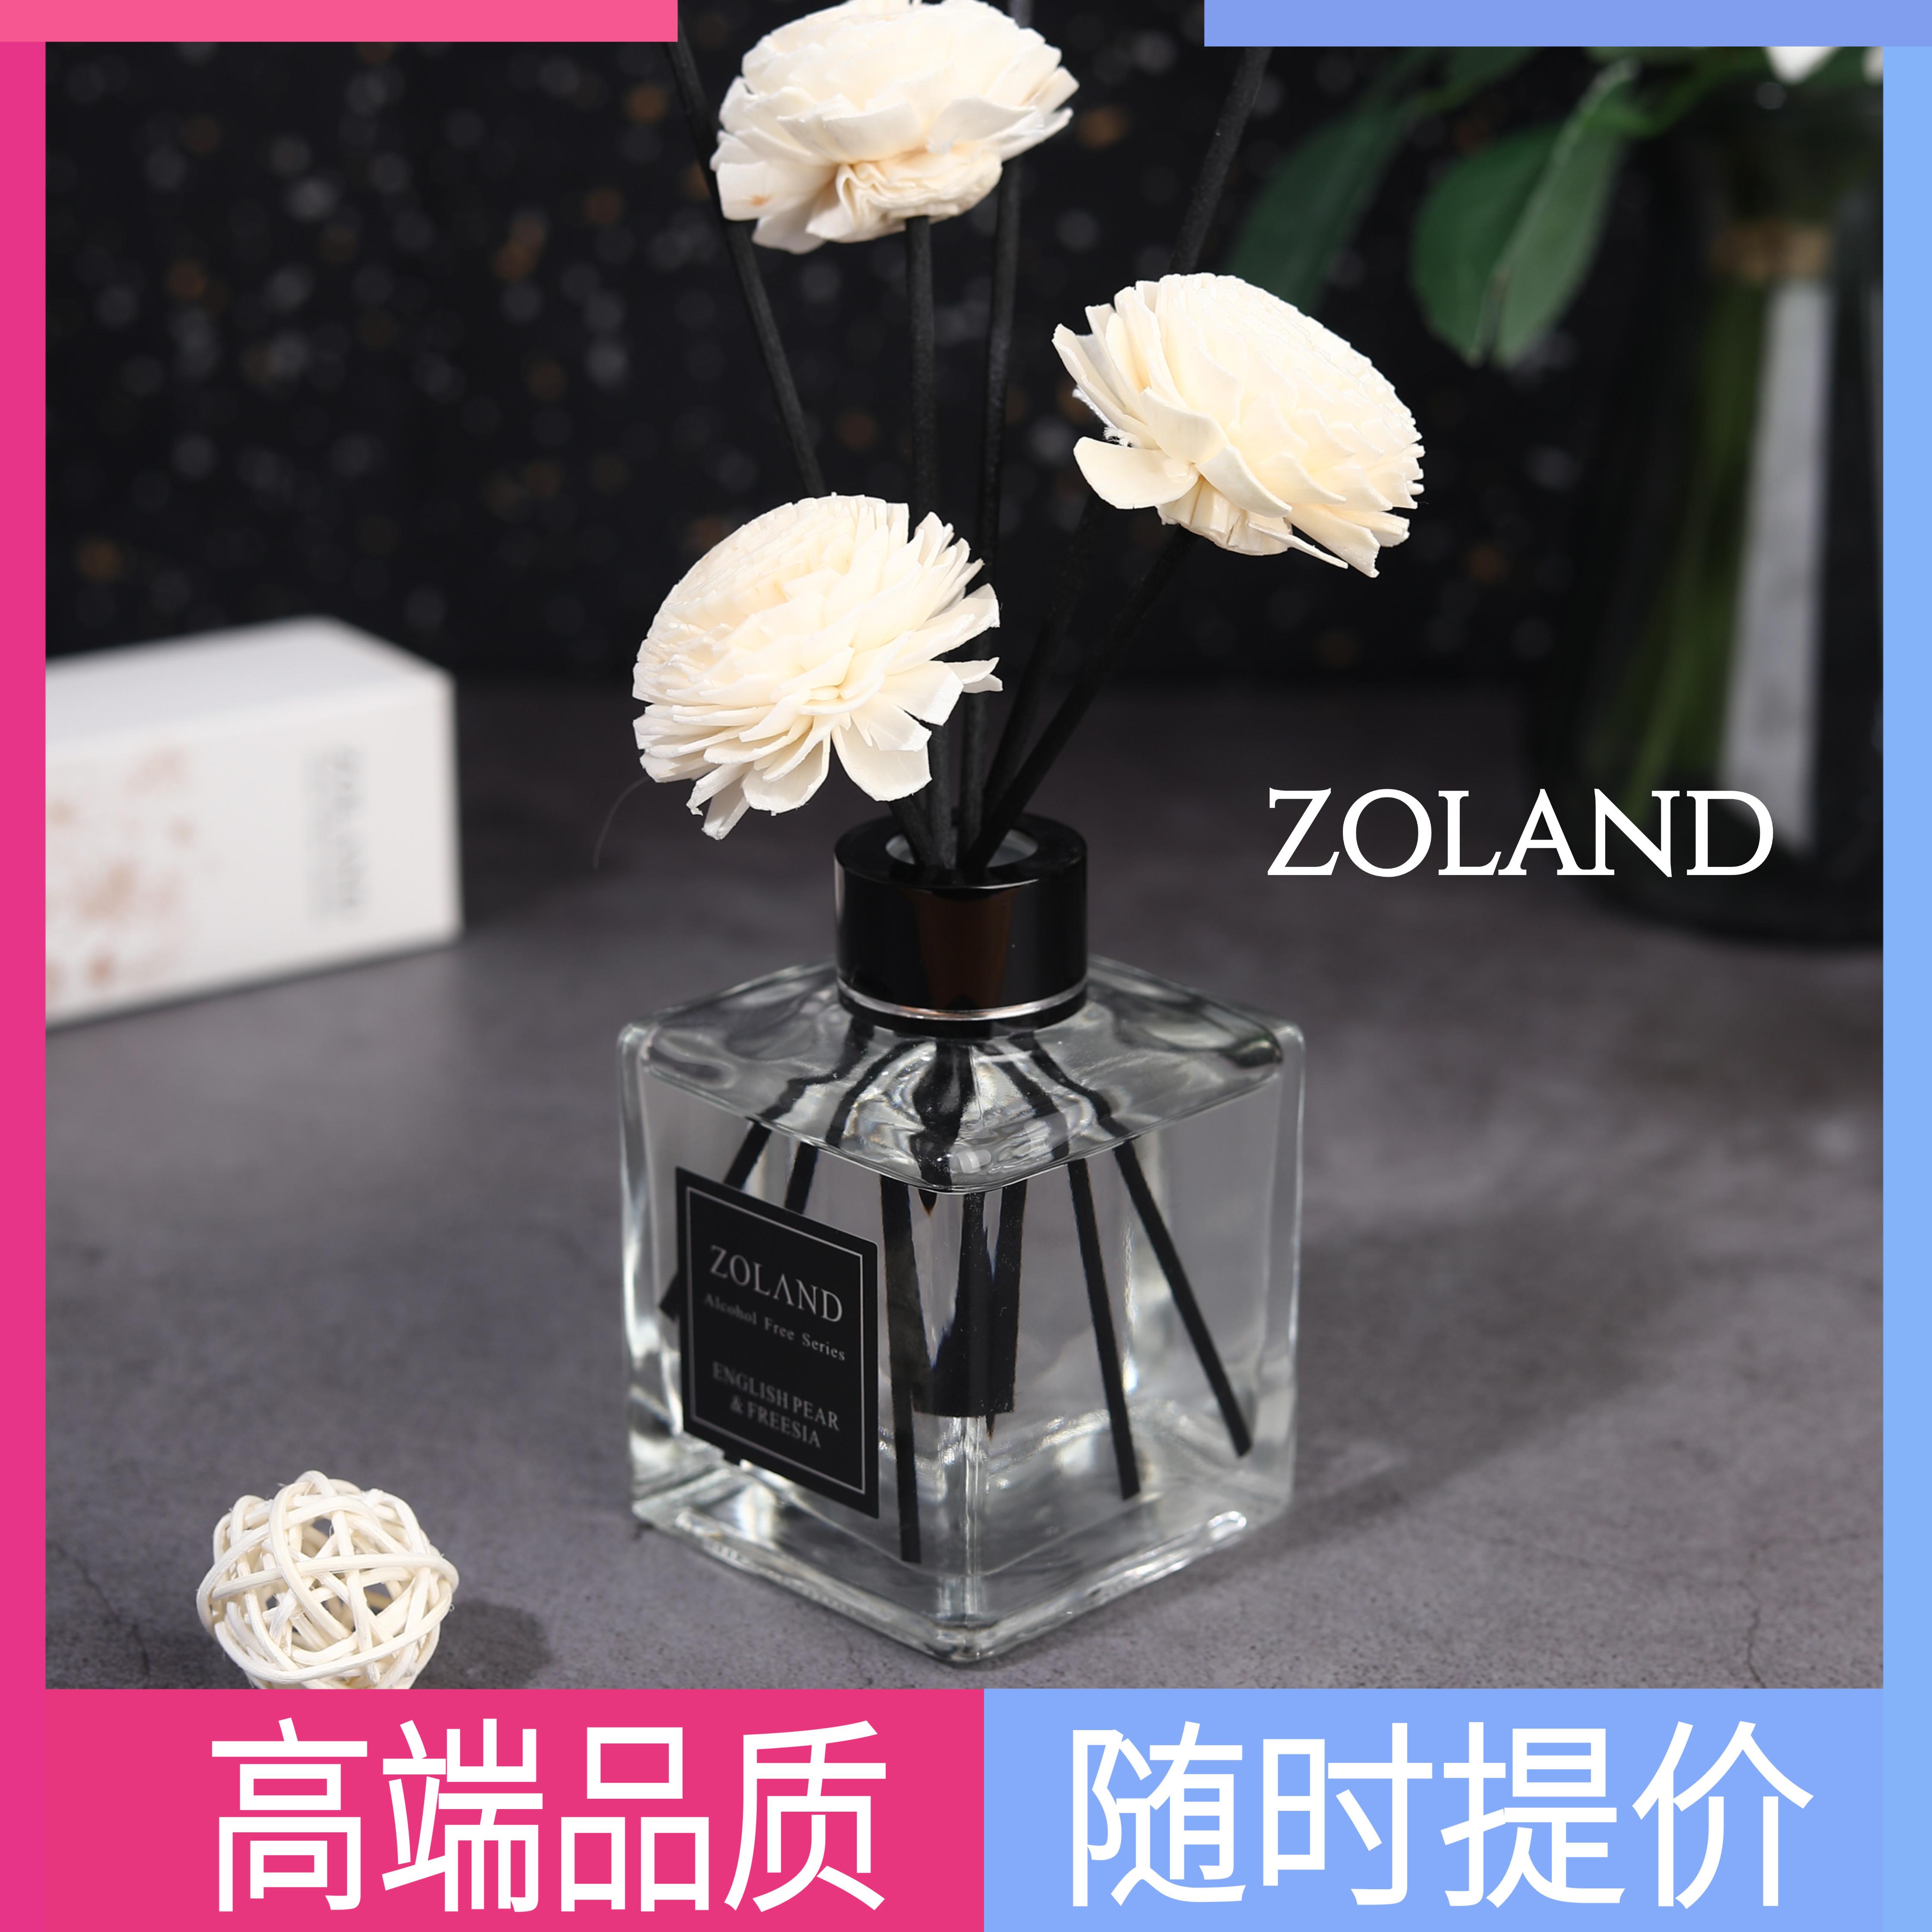 【随时提价】正品ZOLAND无火香薰精油白茶英国梨藤条干花